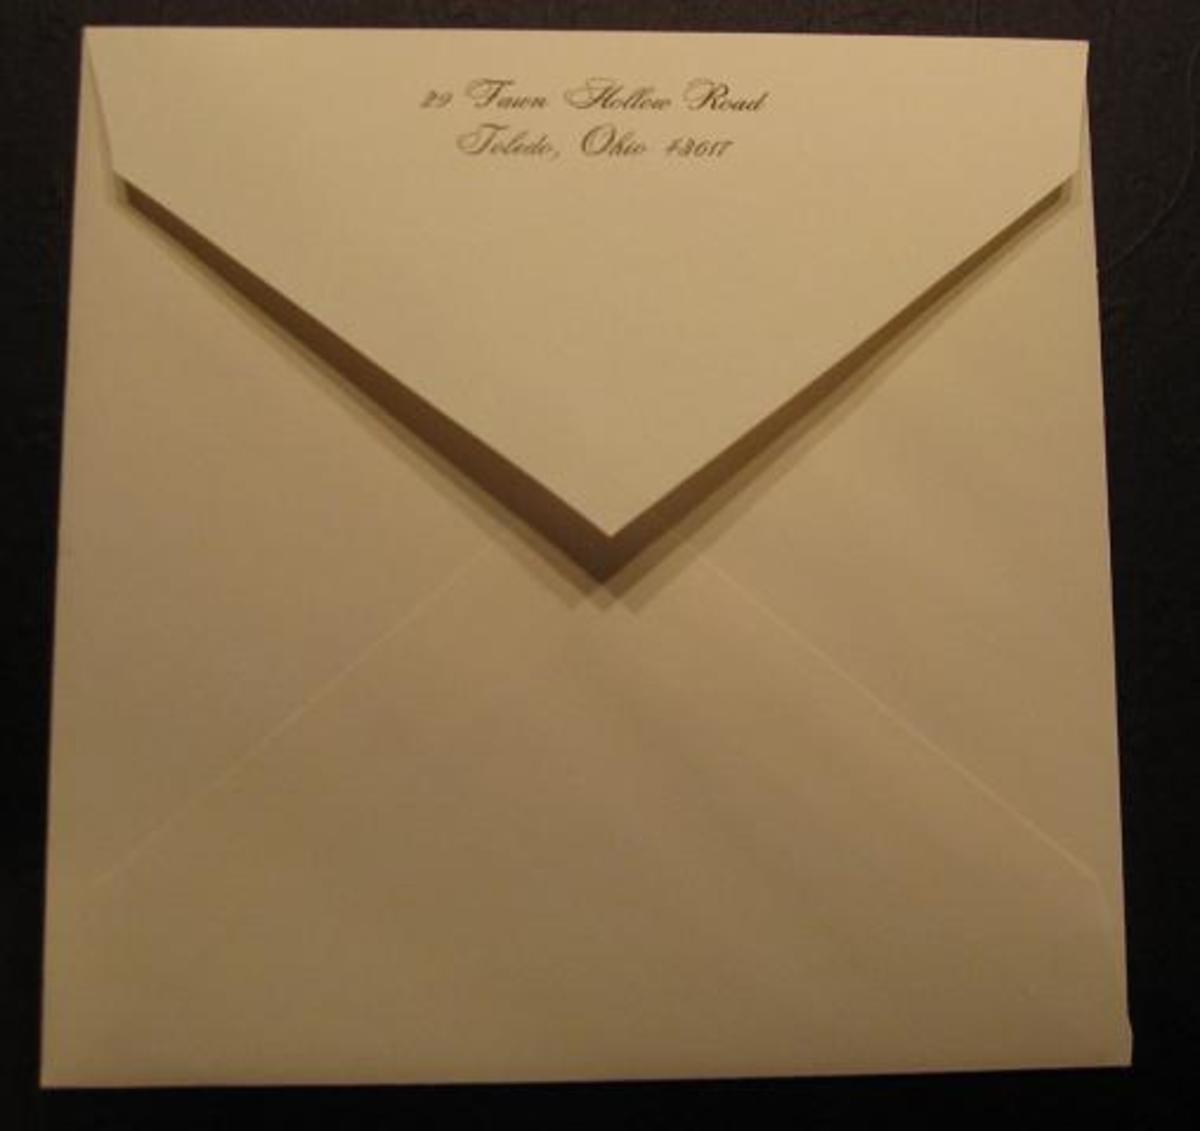 Pocket outer envelope